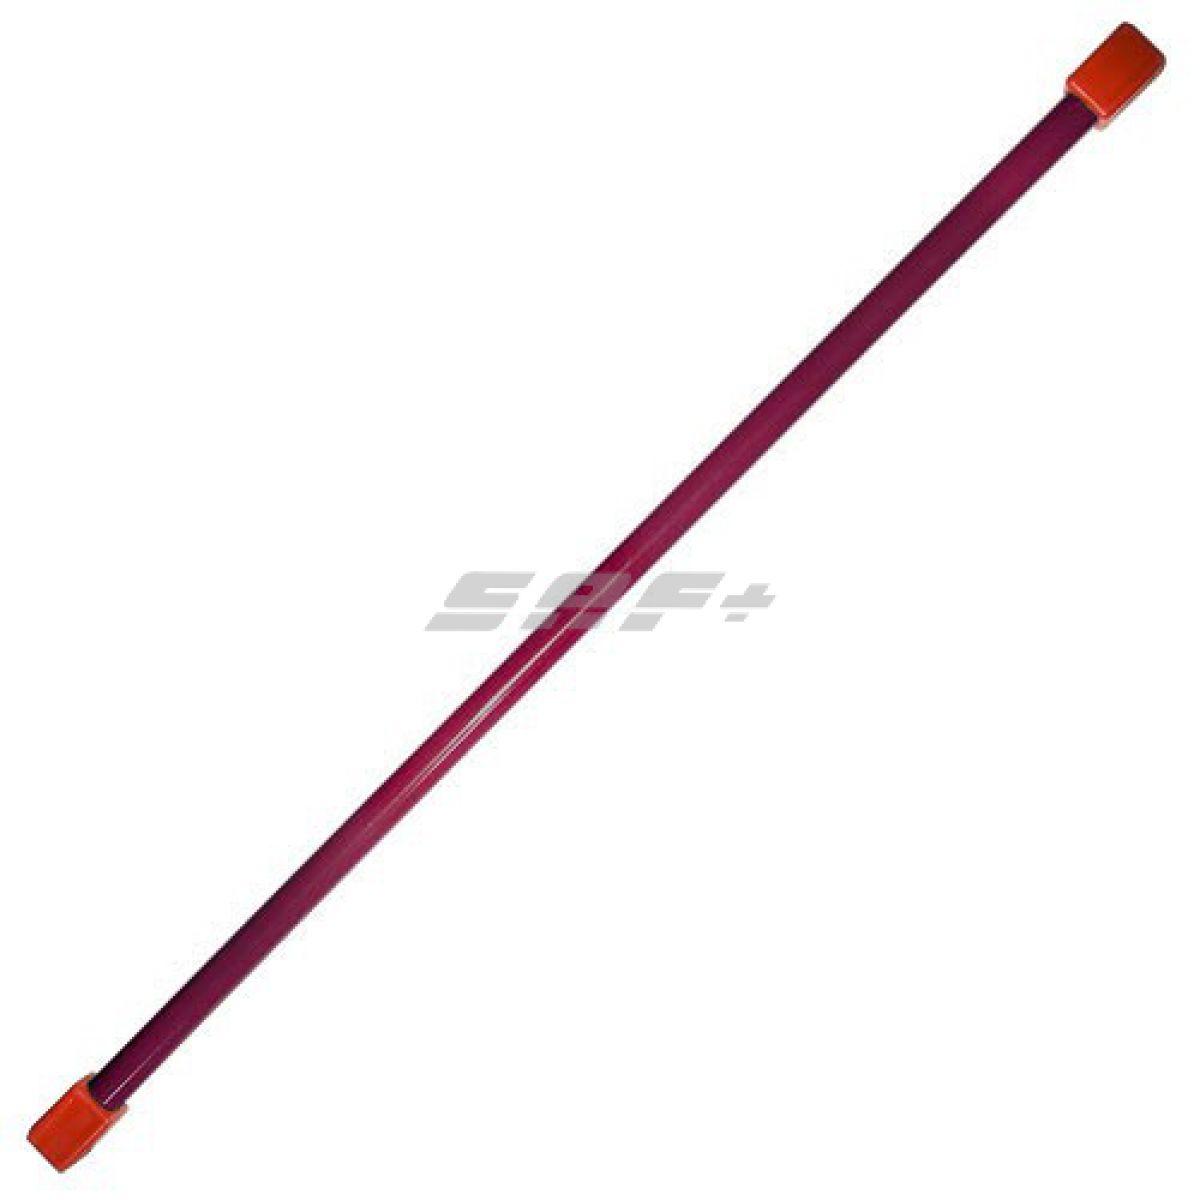 Гимнастическая палка (бодибар), 7кг, длина 110 см